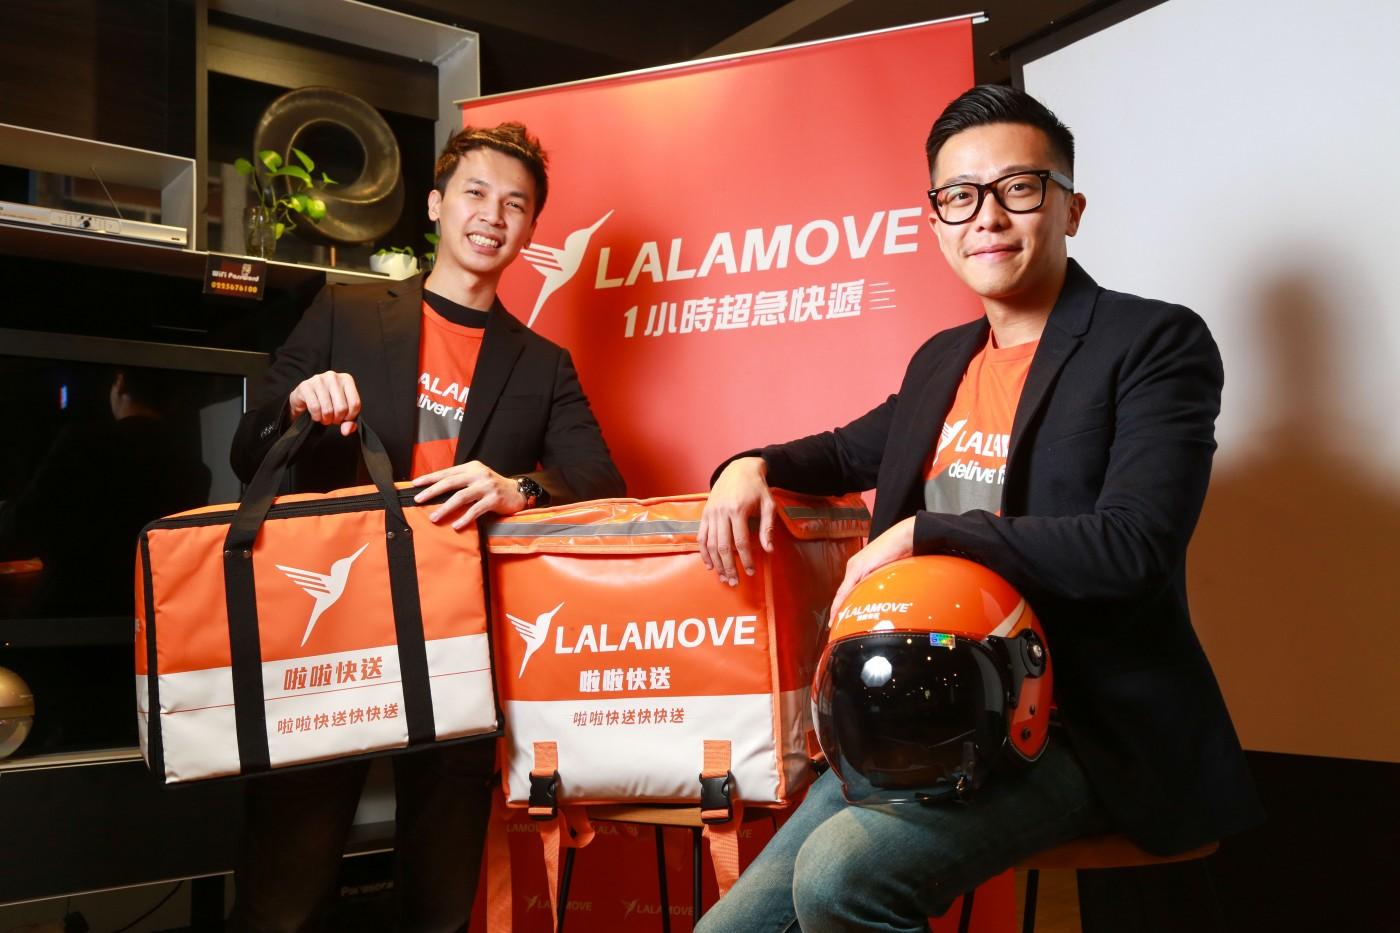 搶大型餐飲、電商快送急單,Lalamove想串聯更多企業用戶加入